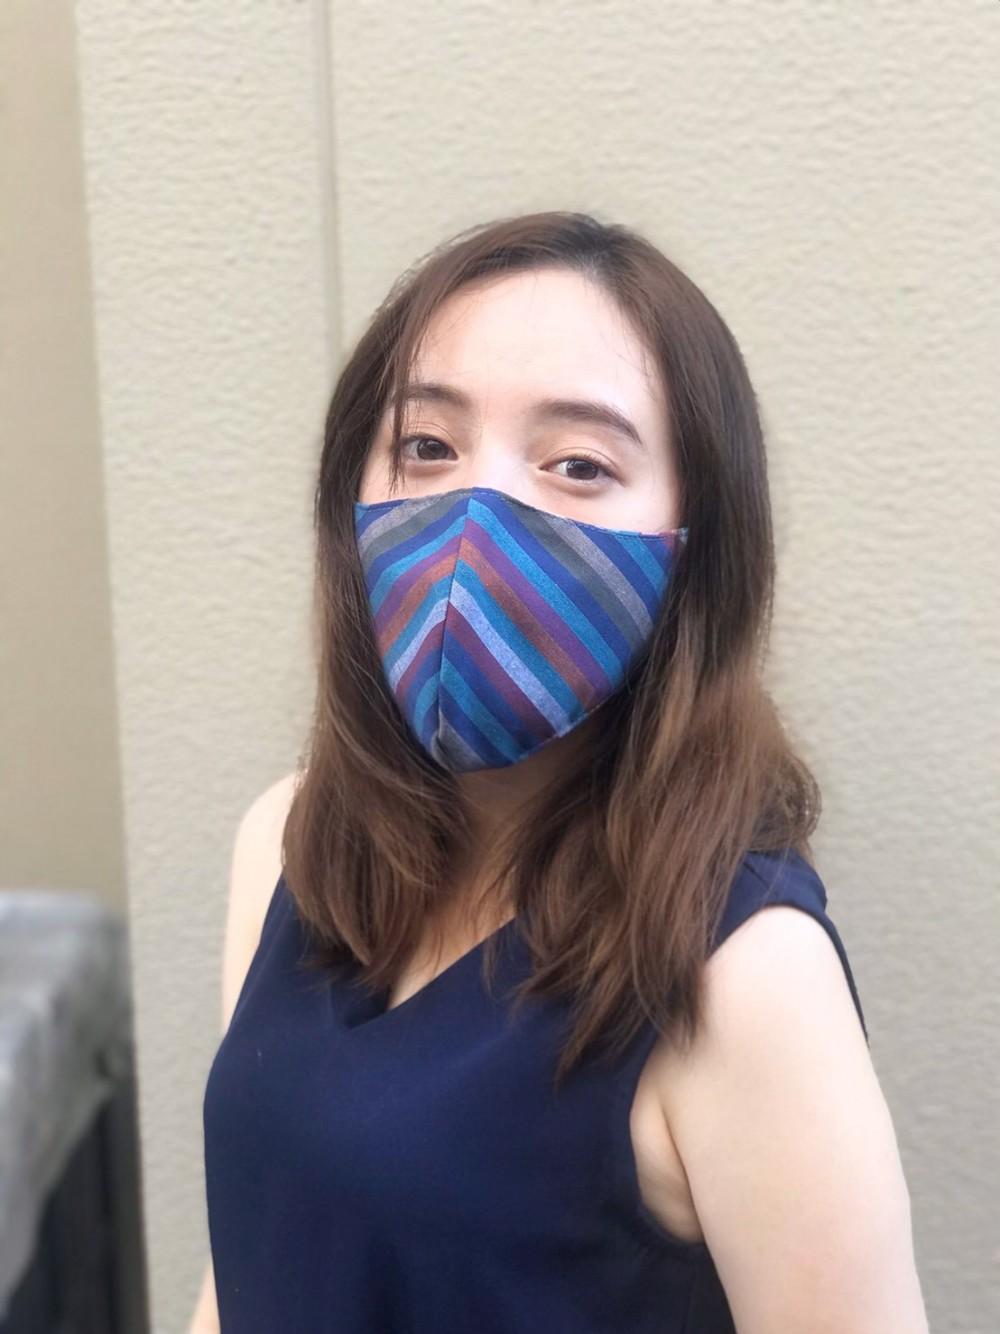 หน้ากากผ้าป้องกันโควิด-19 ได้อย่างไร?